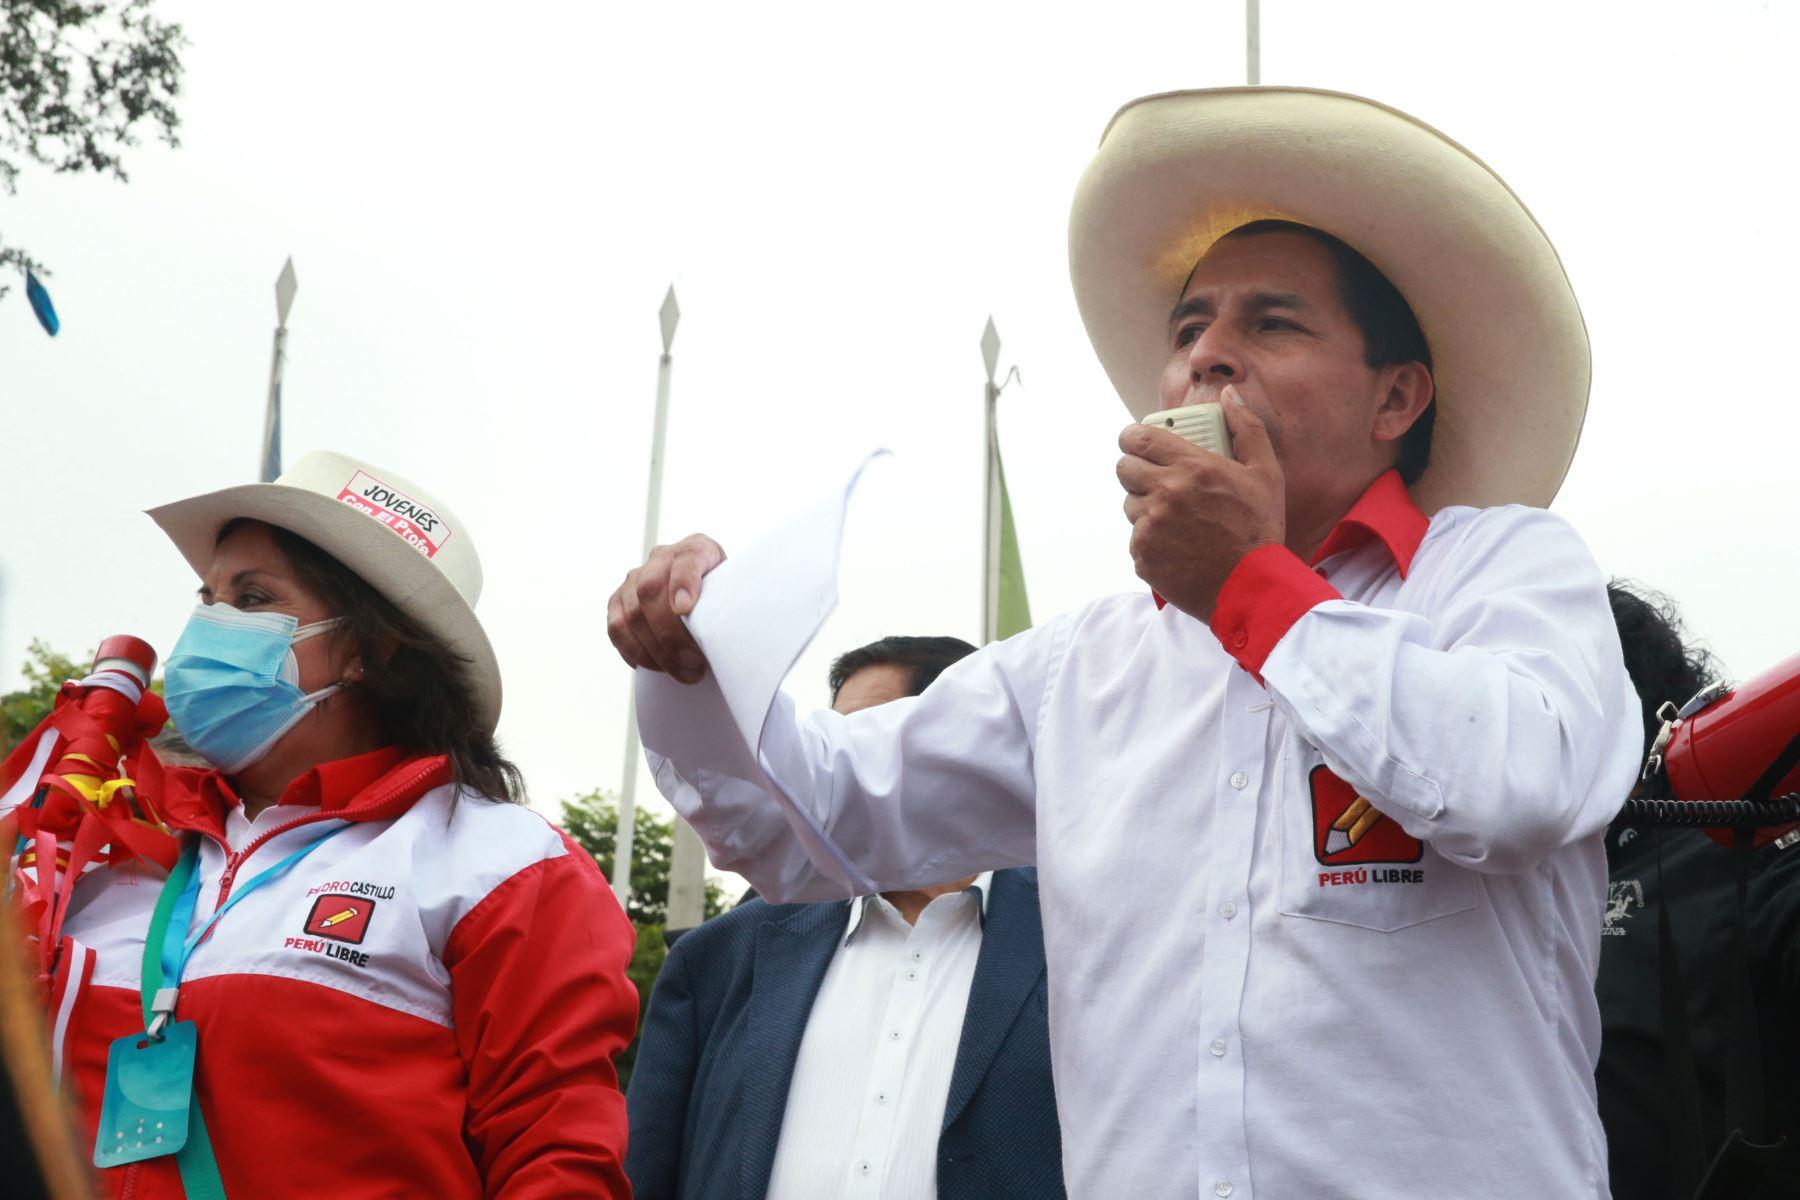 El candidato de Perú Libre, Pedro Castillo, realiza un mitin en el distrito de La Victoria. Foto: ANDINA/Jhony Laurente